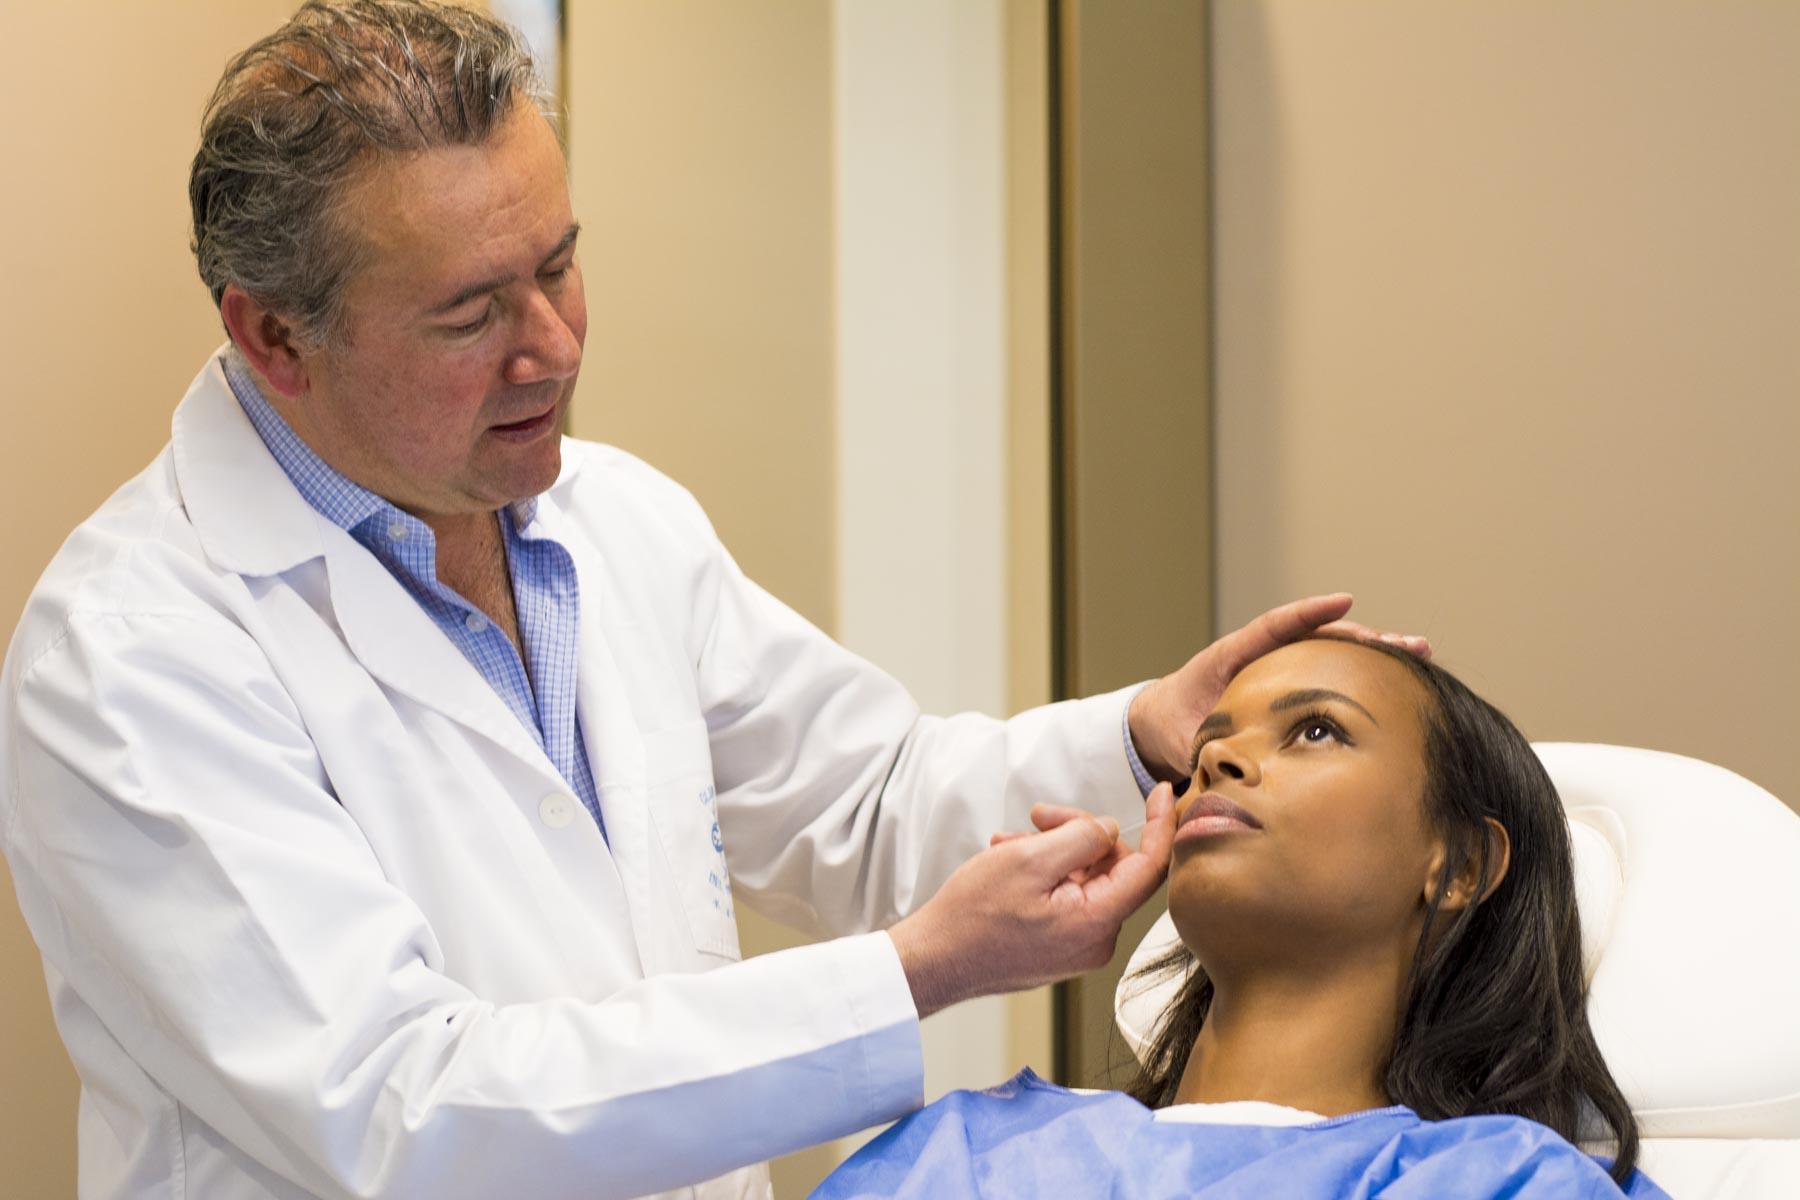 Cirugía plástica Dr. Posada cirujano plástico Bogotá-Medellín